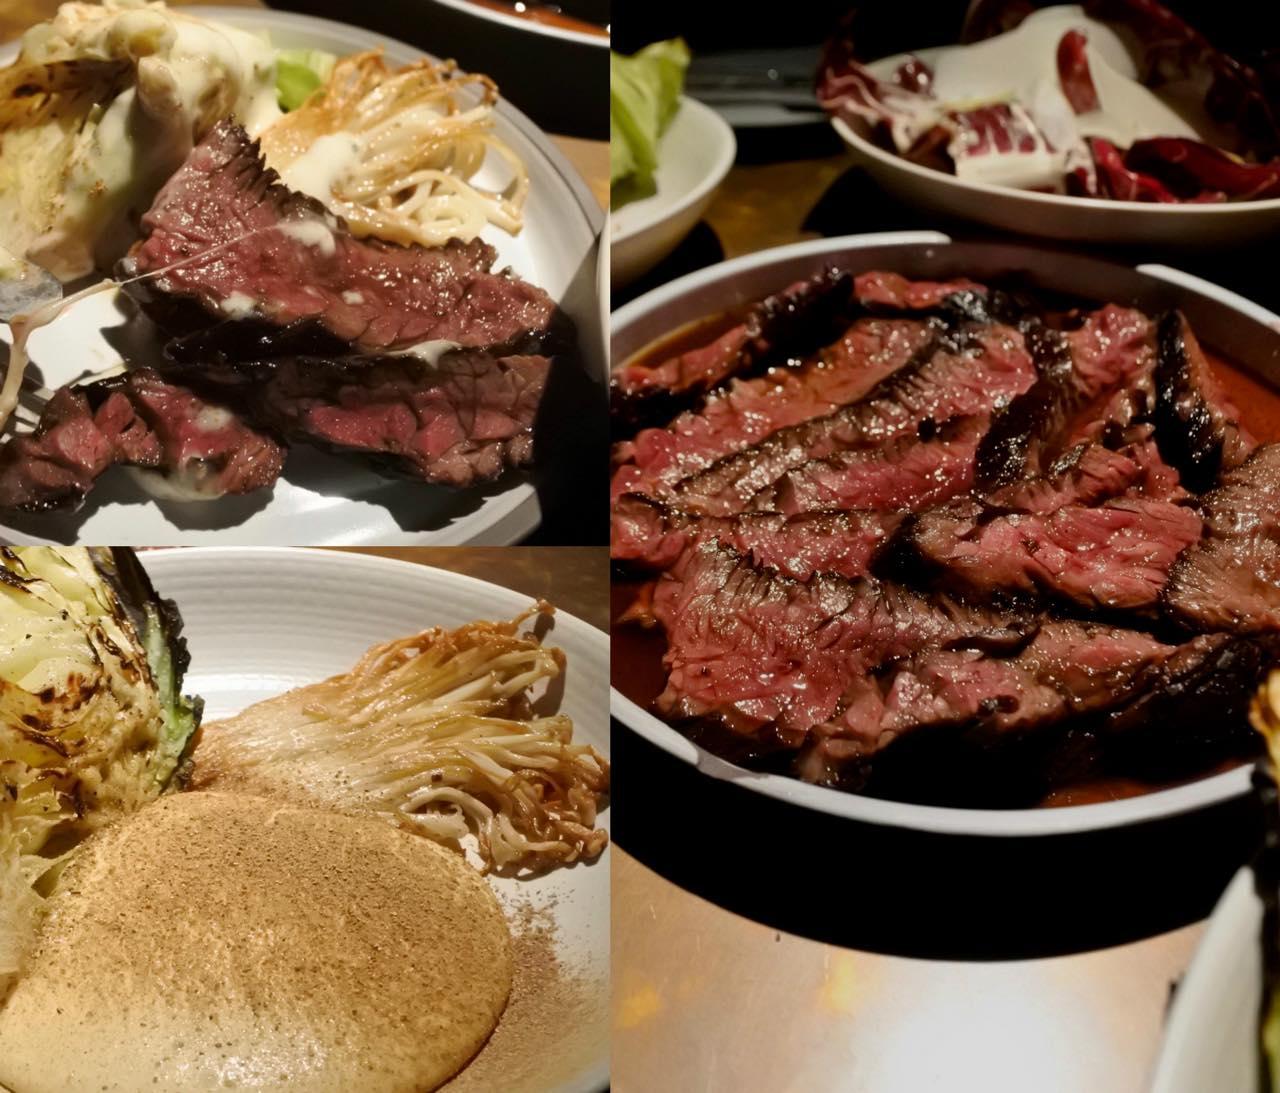 上質のお肉を丁寧に調理。付け合わせに惚れた!